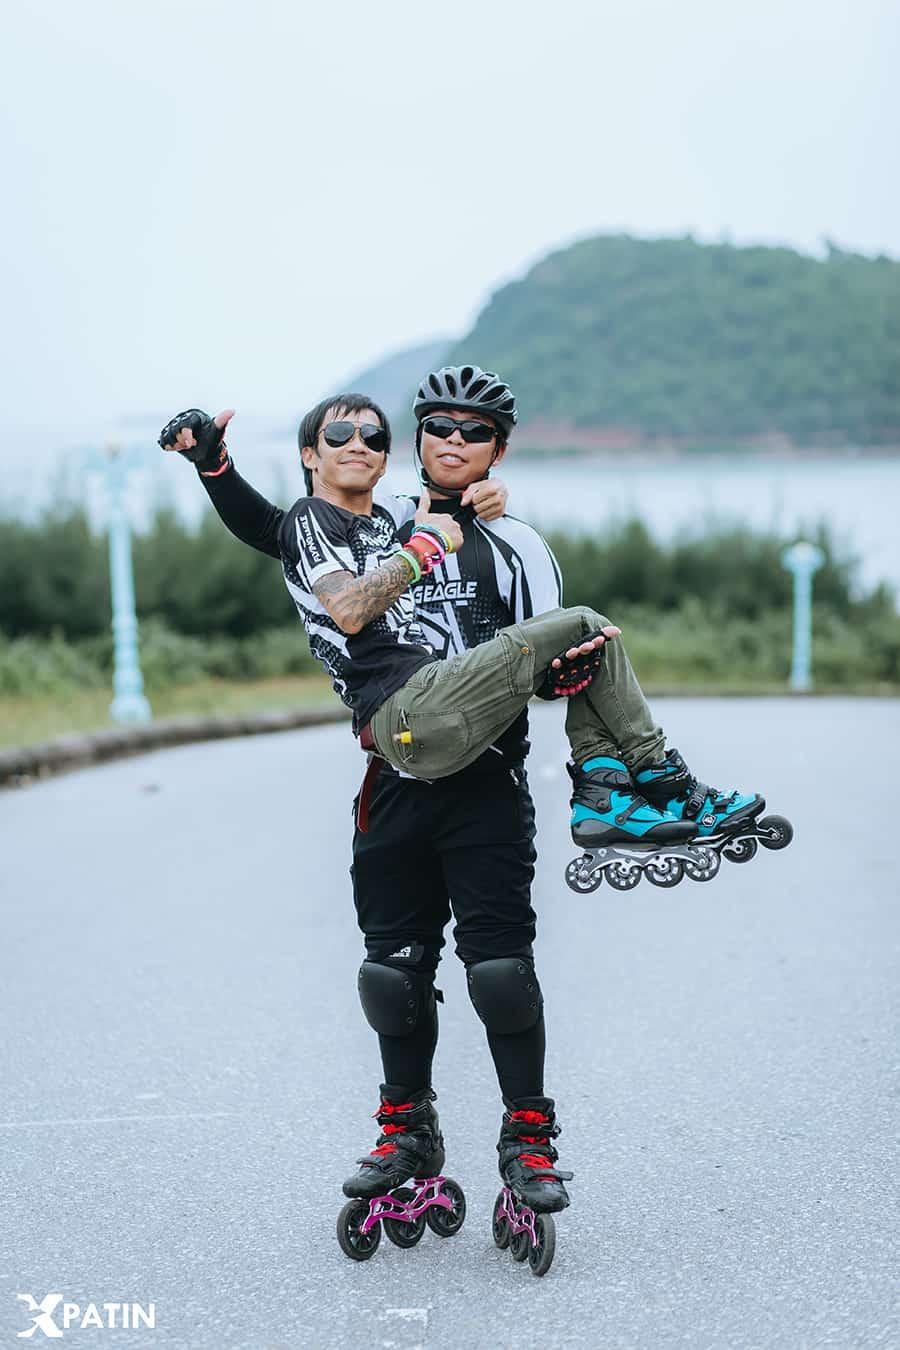 Trượt Patin chinh phục dốc tại khu du lịch Bãi Lữ Nghệ An ảnh 3